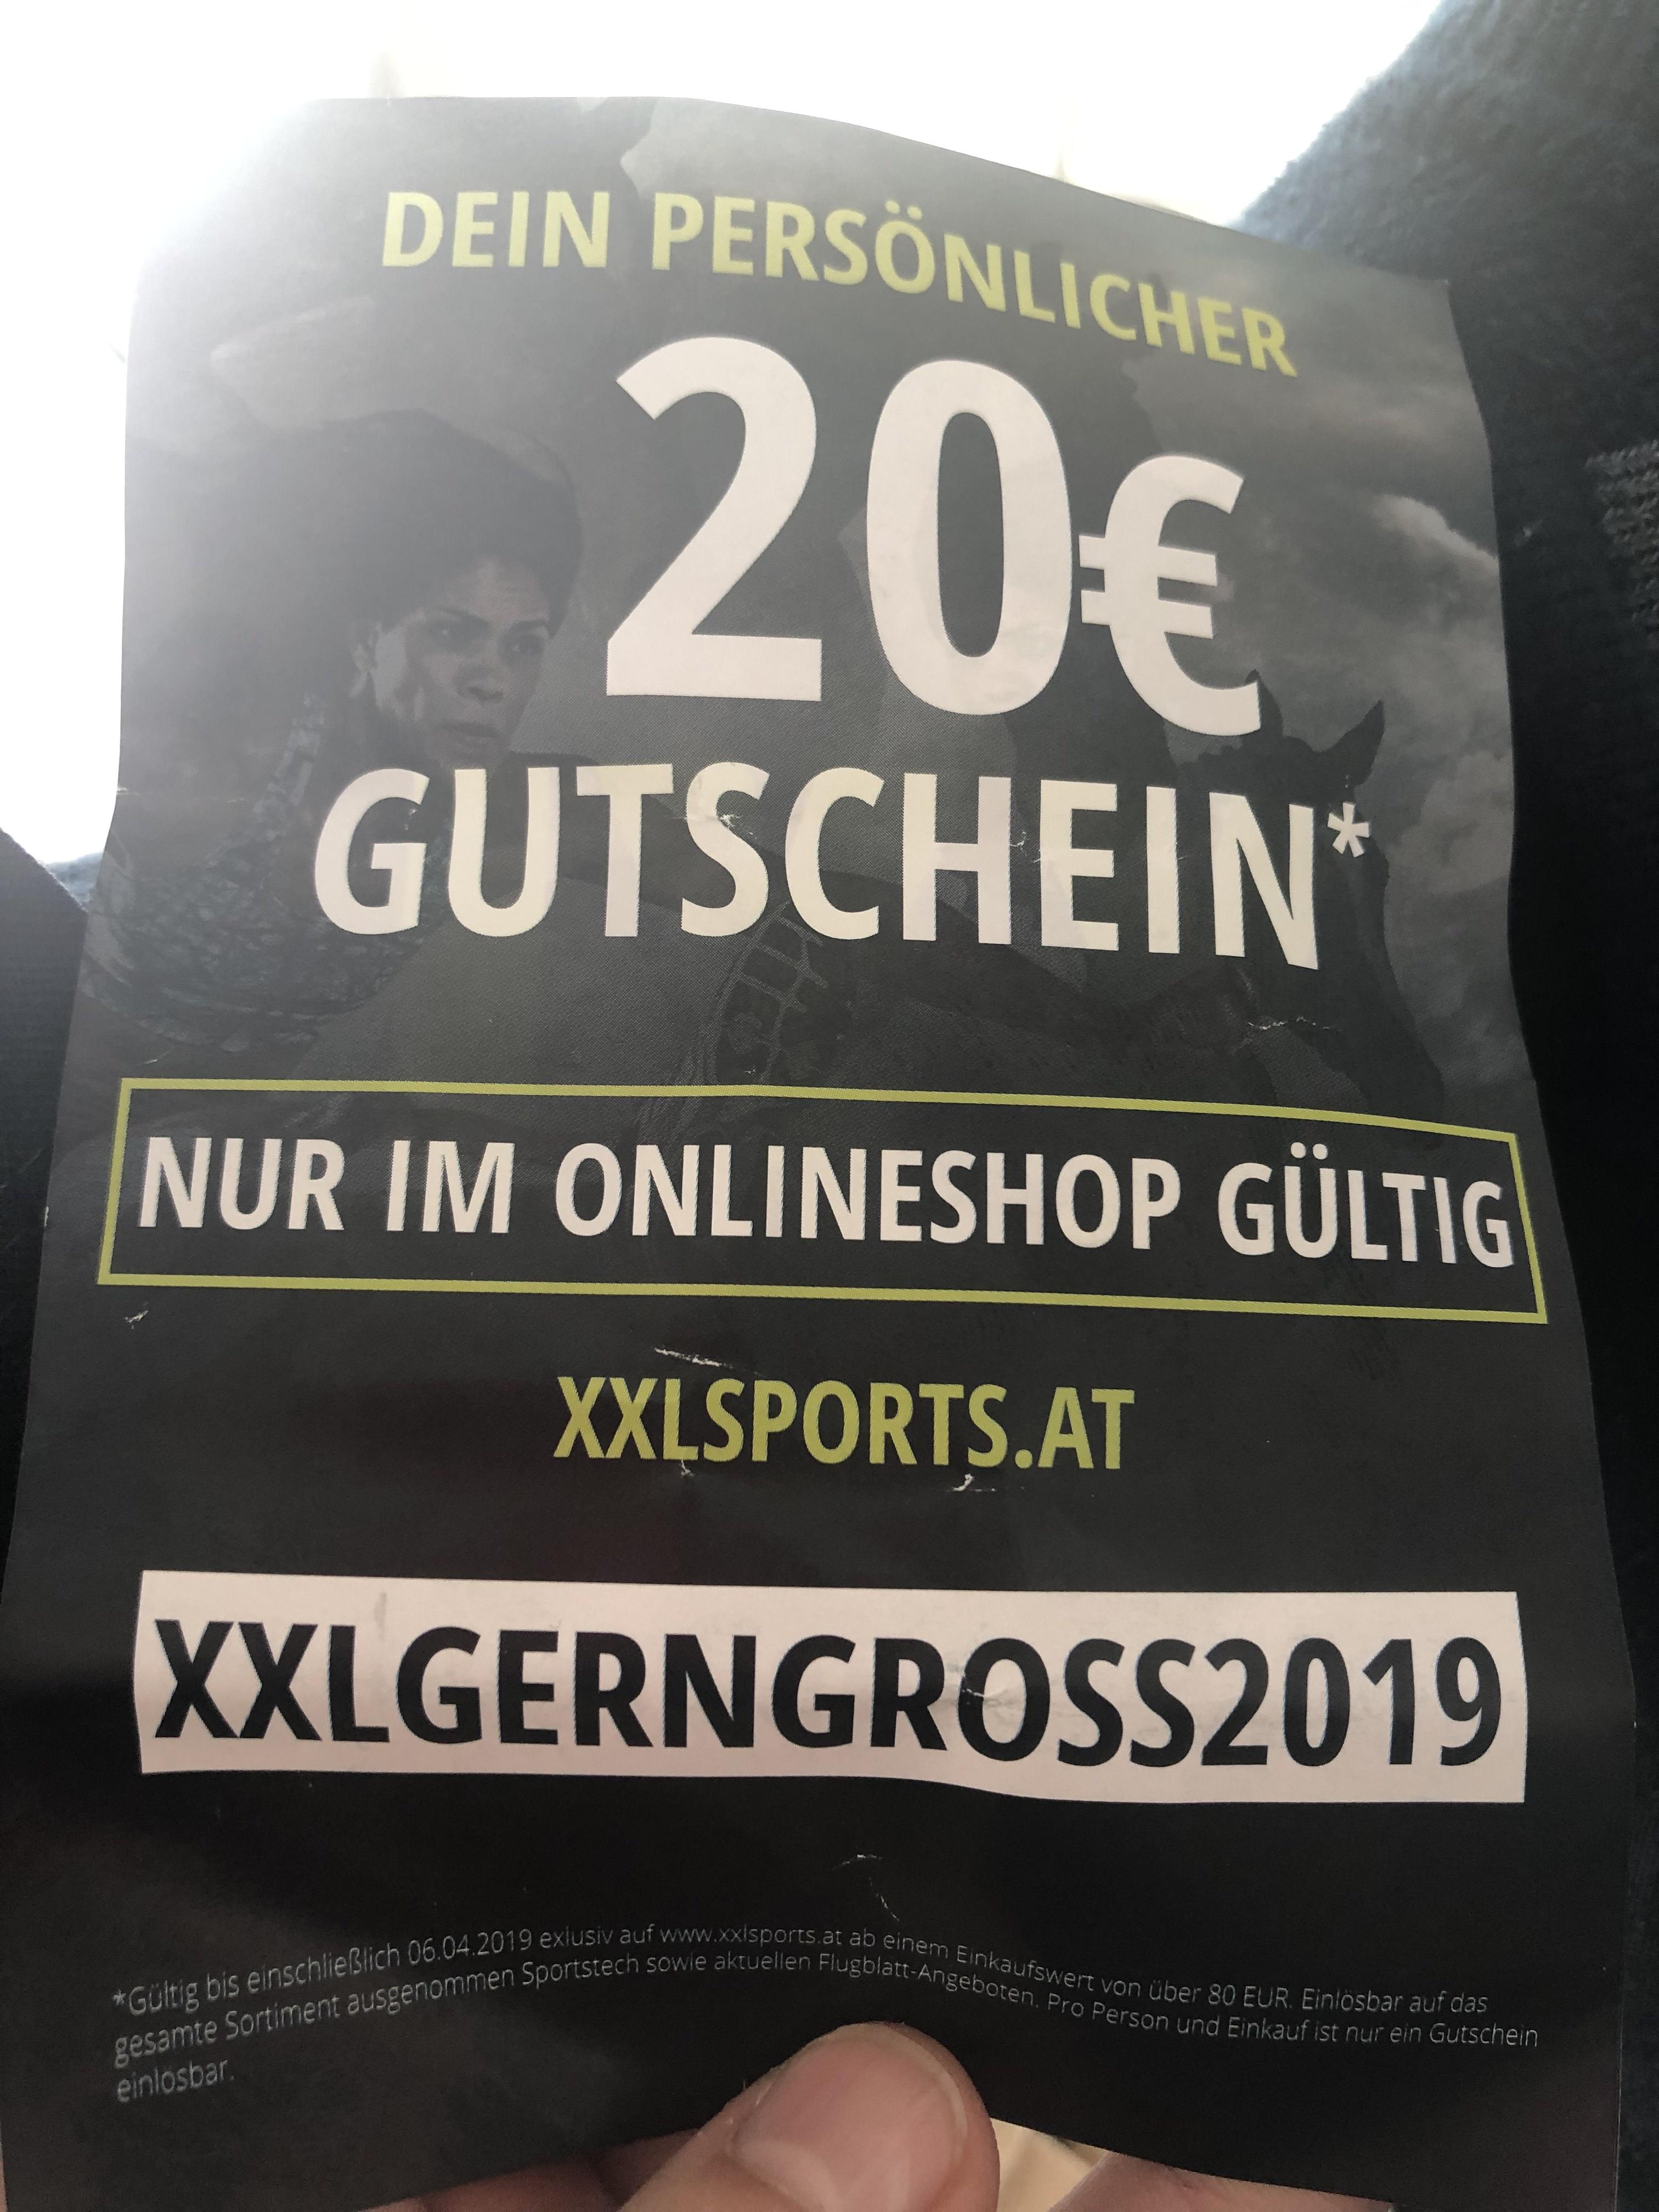 Gutschein Bei Xxl Sports Preisjäger